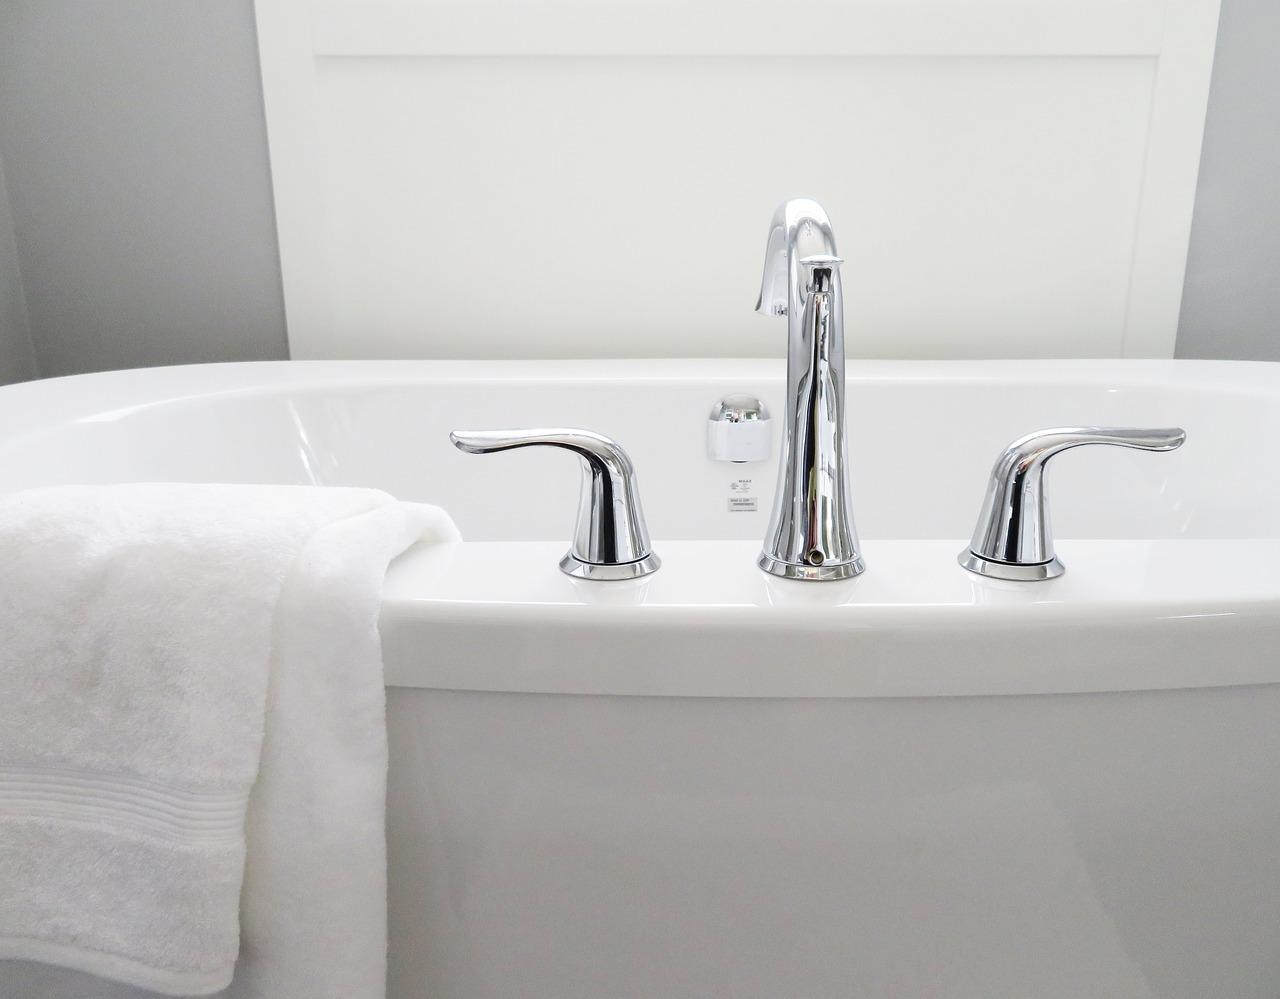 Ricoprire Vasca Da Bagno Prezzi sovrapposizione vasca da bagno: come funziona e quanto costa